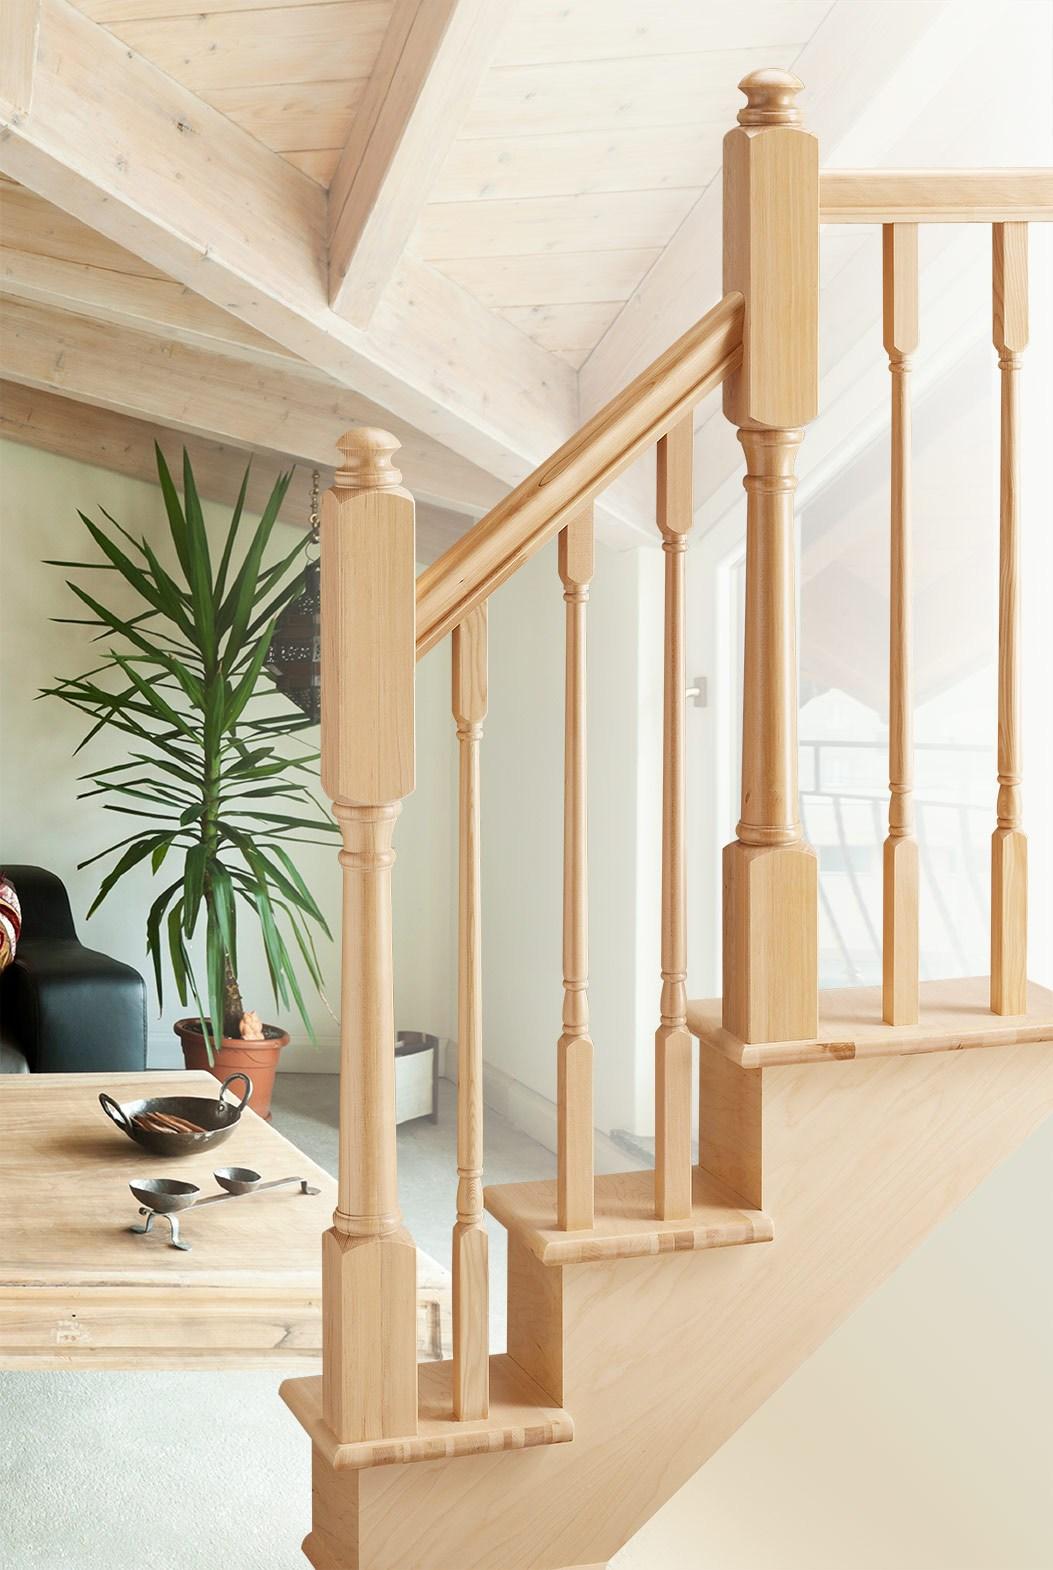 Salem Series Hemlock Colonial Elegance   Hemlock Handrails For Stairs   Basement Stairs   Newel Caps   Wooden Stairs   Wood   Newel Posts